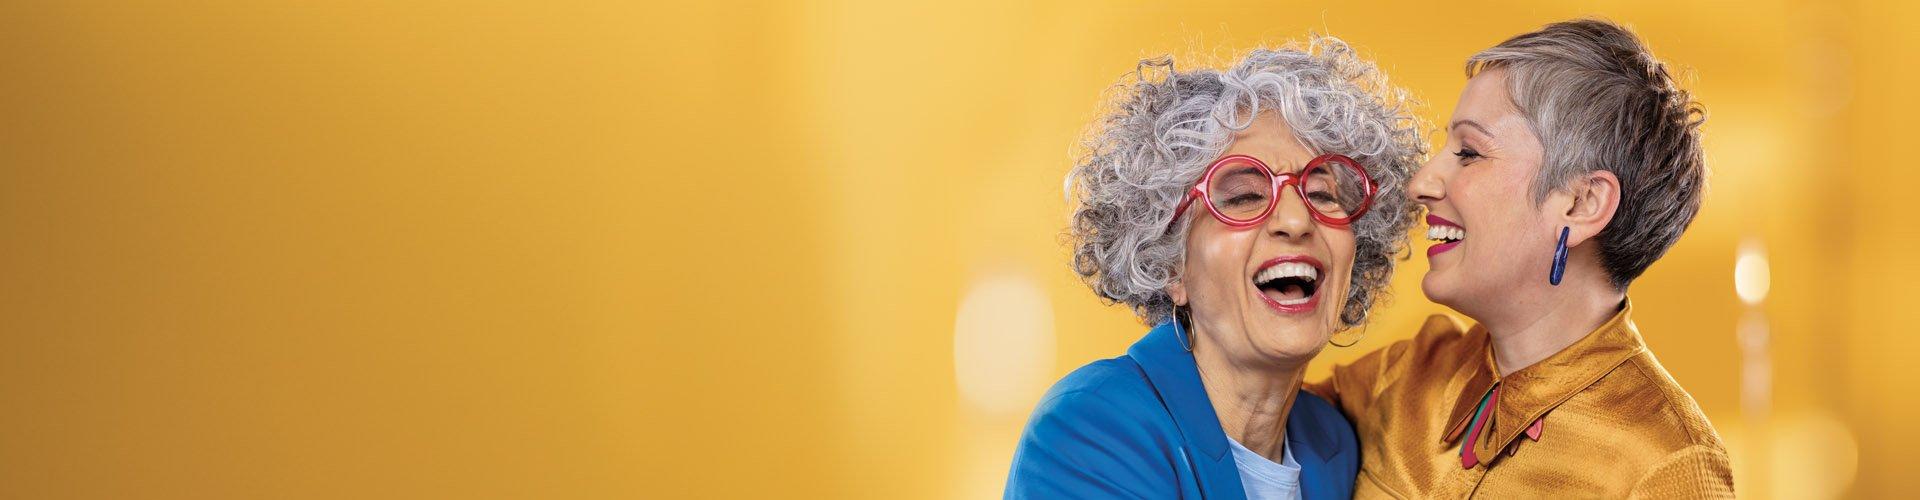 Dos mujeres conectando. Philips Hearing Solutions te ayuda a escuhar mejor, para que conectes mejor.